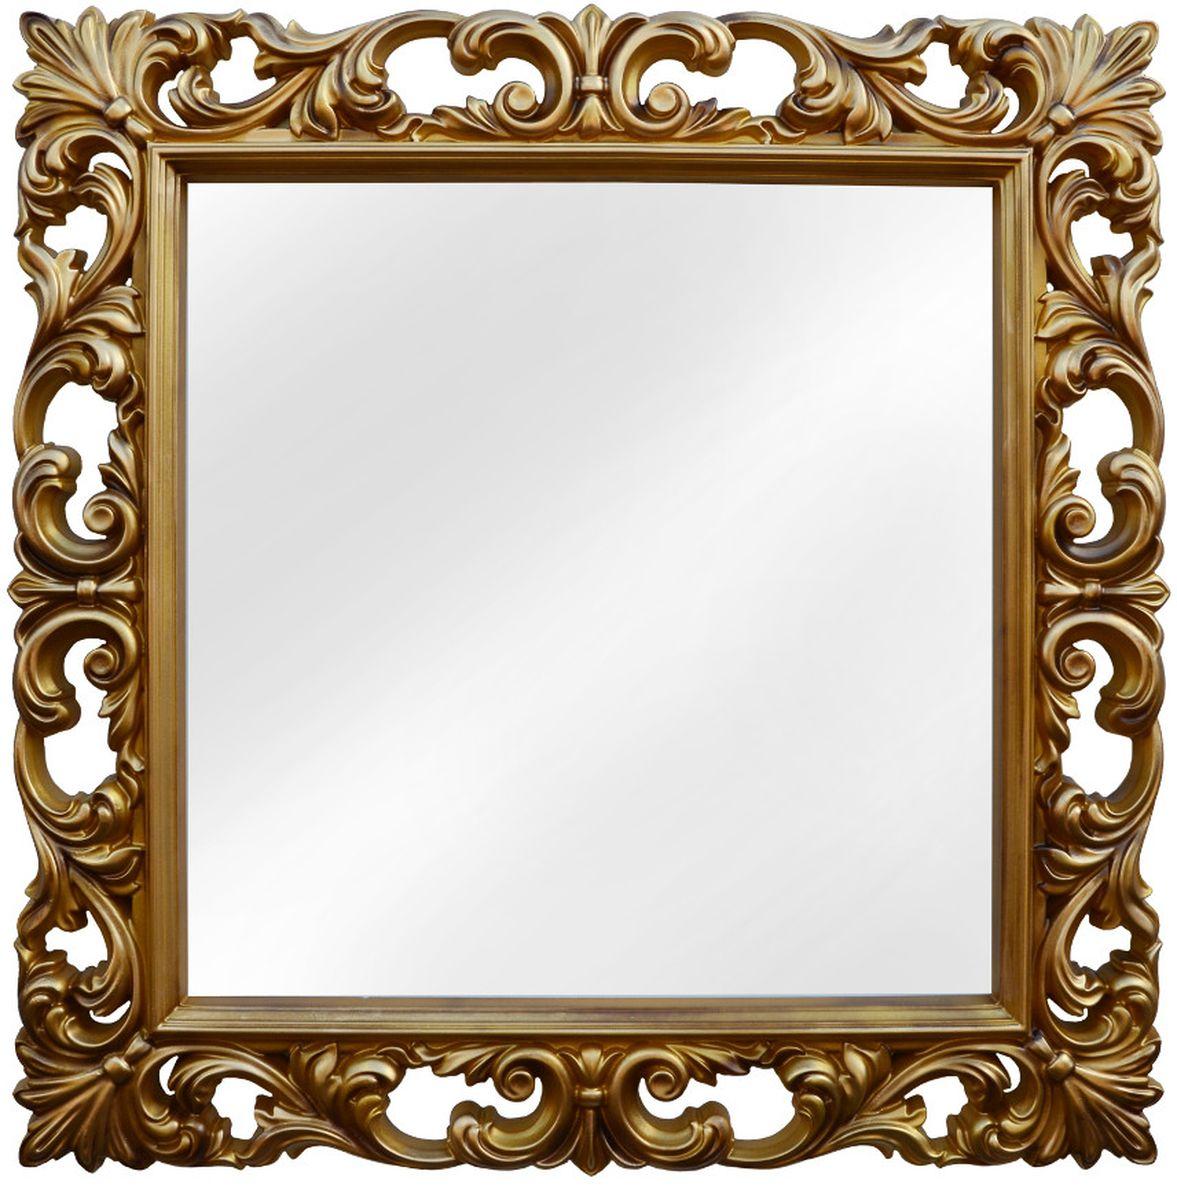 Зеркало VezzoLLi Нованто, цвет: золотой, 90 х 90 см25-11Подвесы в комплекте. Видимый размер зеркала 63х63 см. Ширина обрамления 13,5 см.